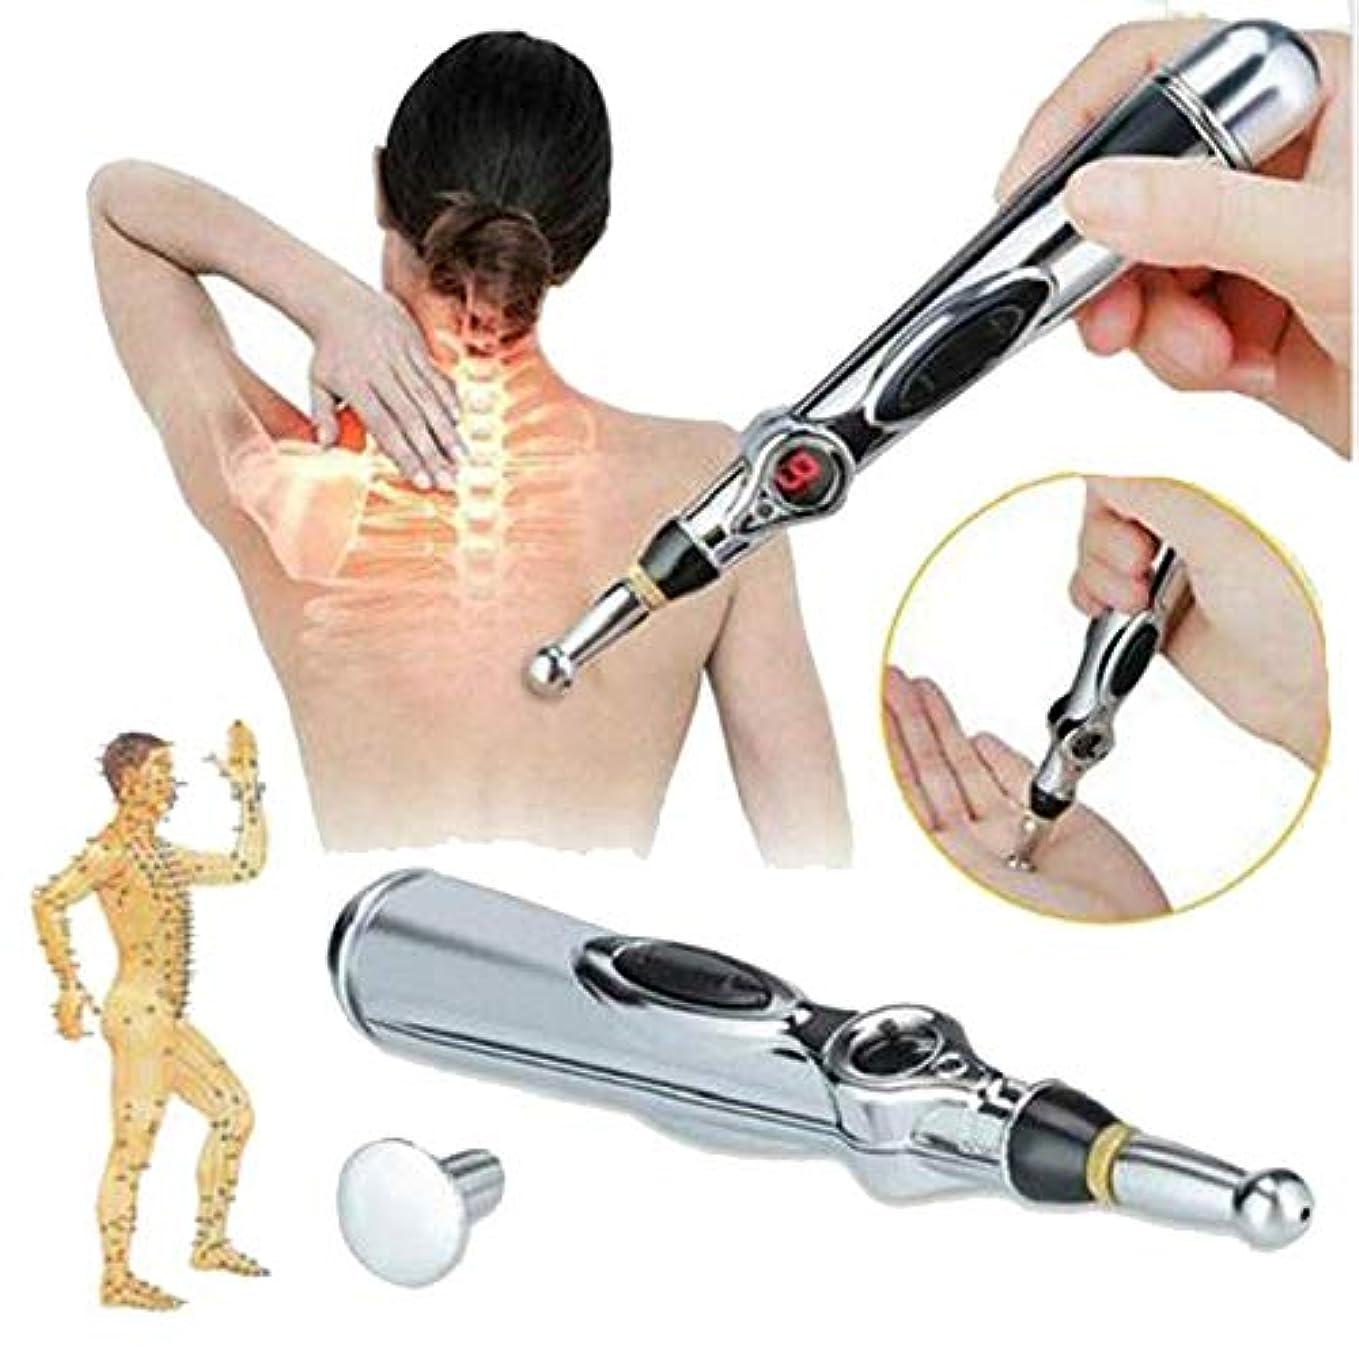 子犬バトルメロディー電子鍼ペン、電子経絡レーザー治療、マッサージペン、経絡エネルギーペン、痛み緩和ツール